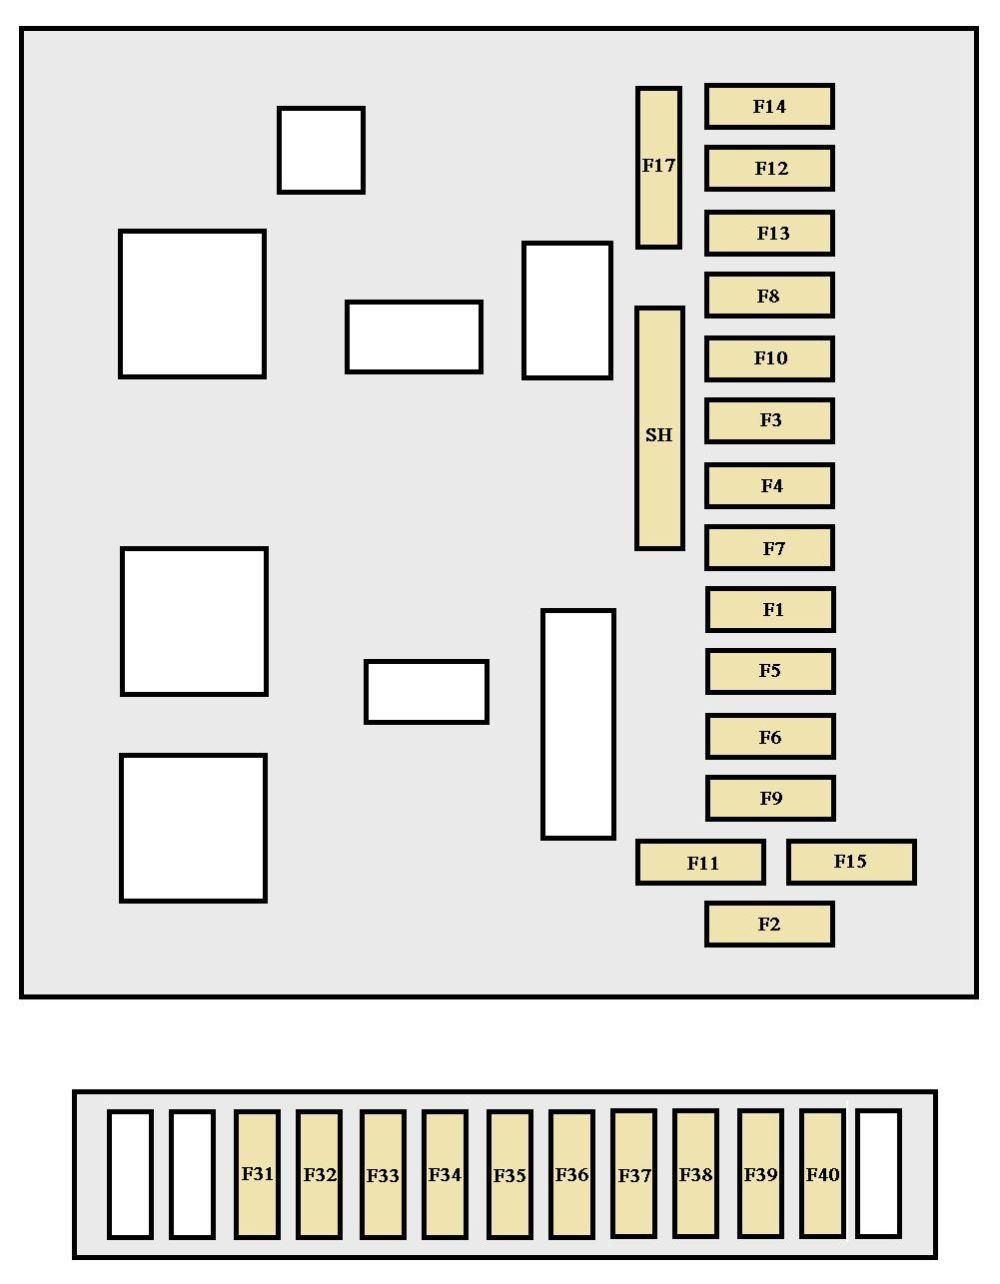 medium resolution of peugeot 607 2005 fuse box diagram auto genius peugeot 607 fuse box layout peugeot 607 fuse box